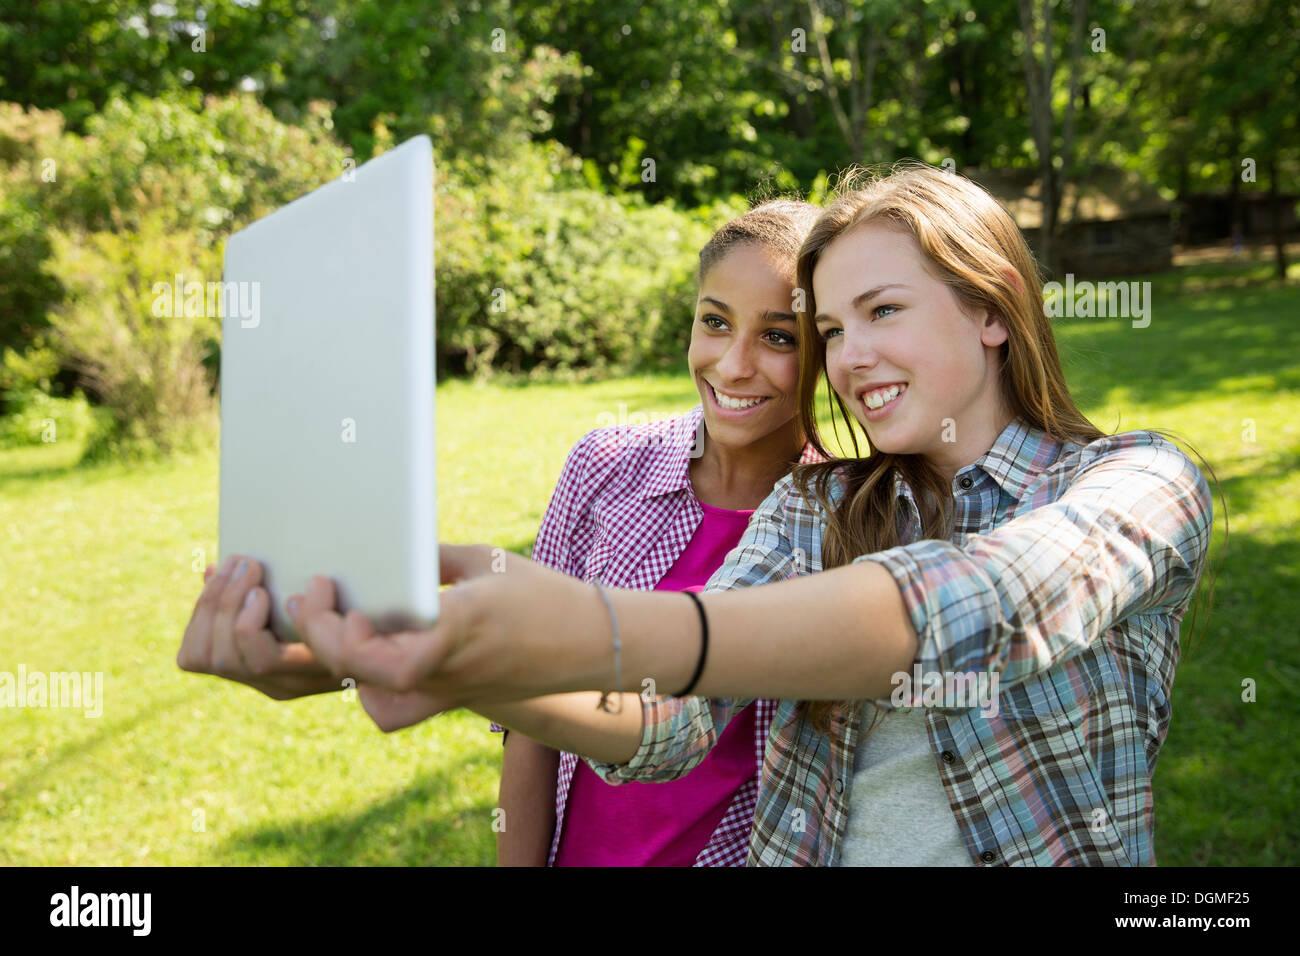 Zwei Mädchen sitzen draußen auf einer Bank mit einem digitalen Tablet. Auf Armlänge durchhalten. Stockbild